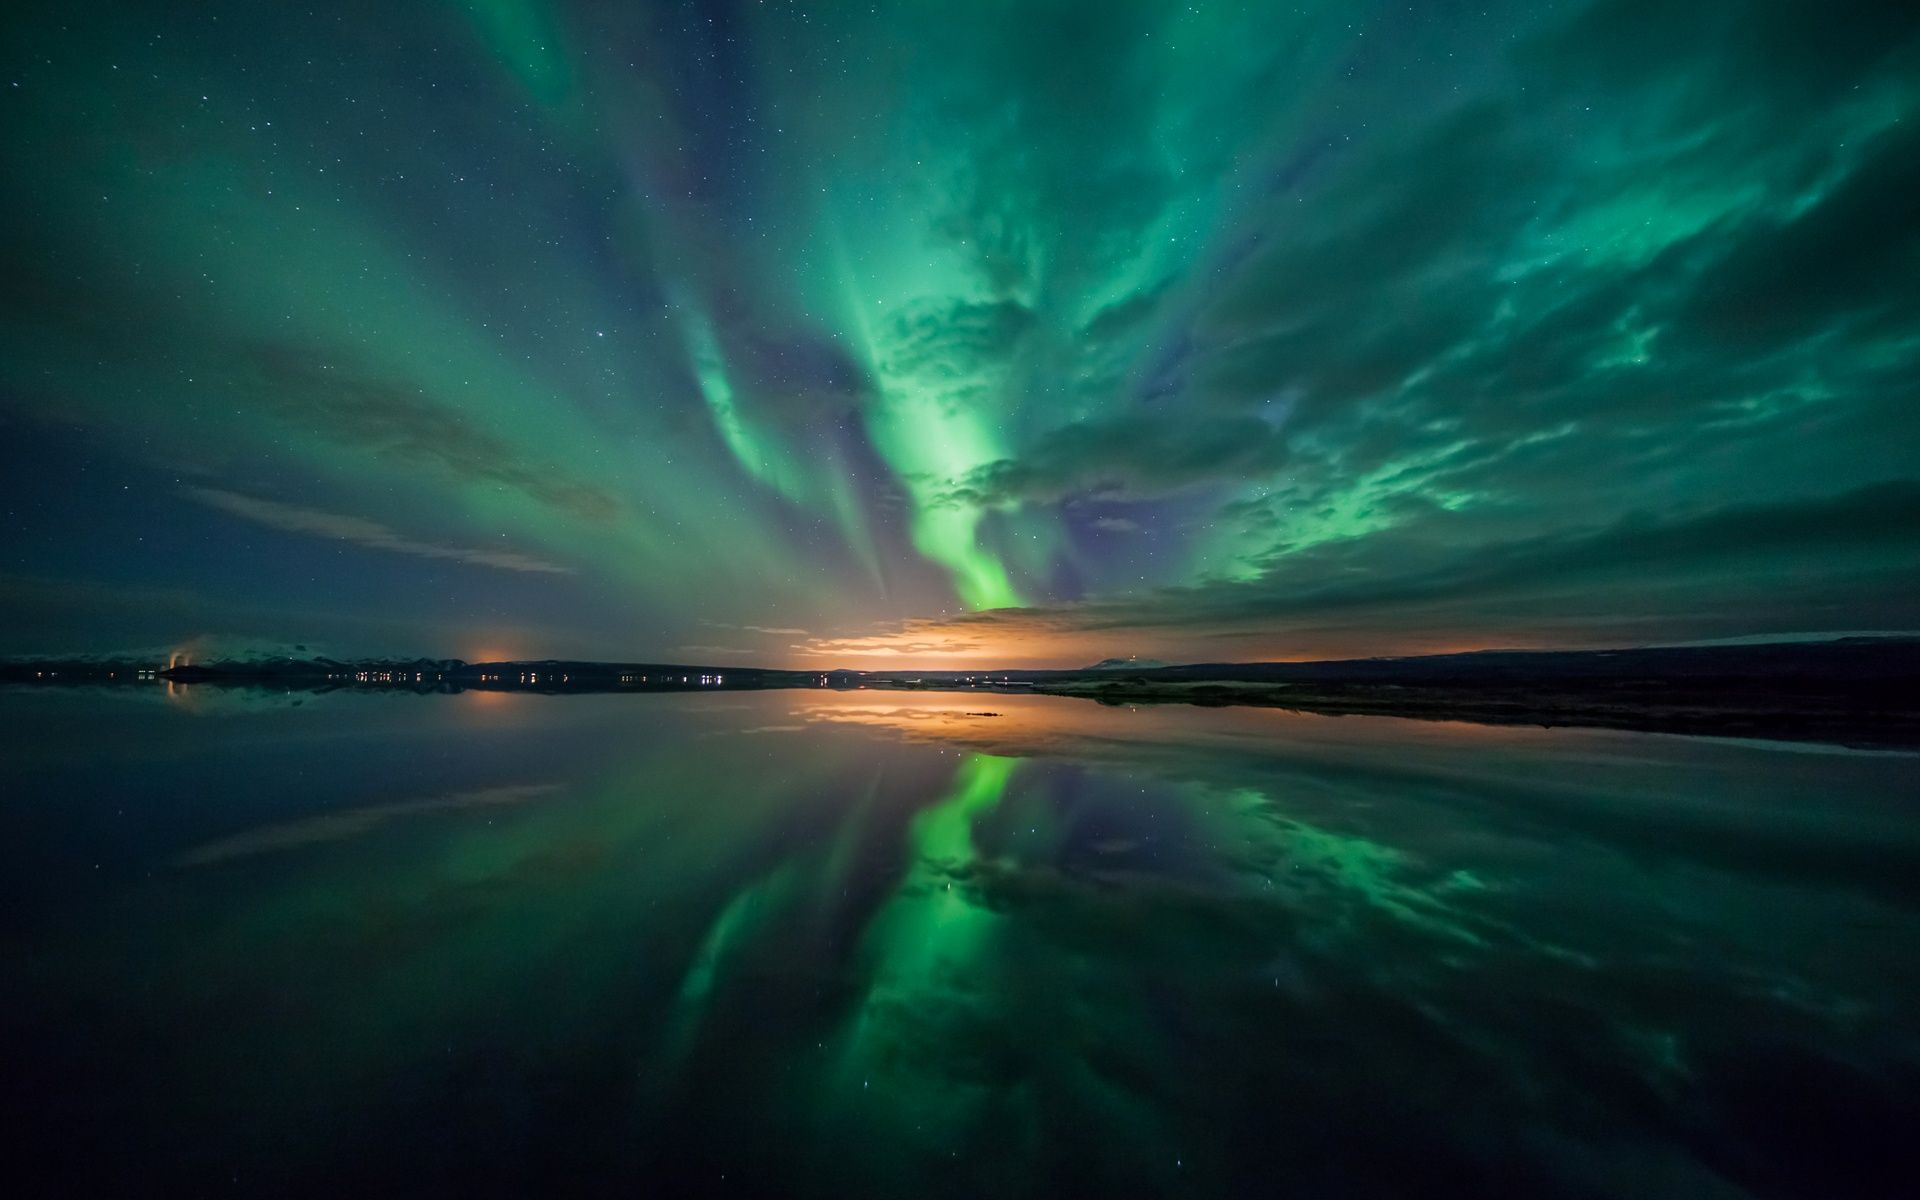 Terre Nature Aurore Boreale Nuage Hd 4k Ultra Hd Night